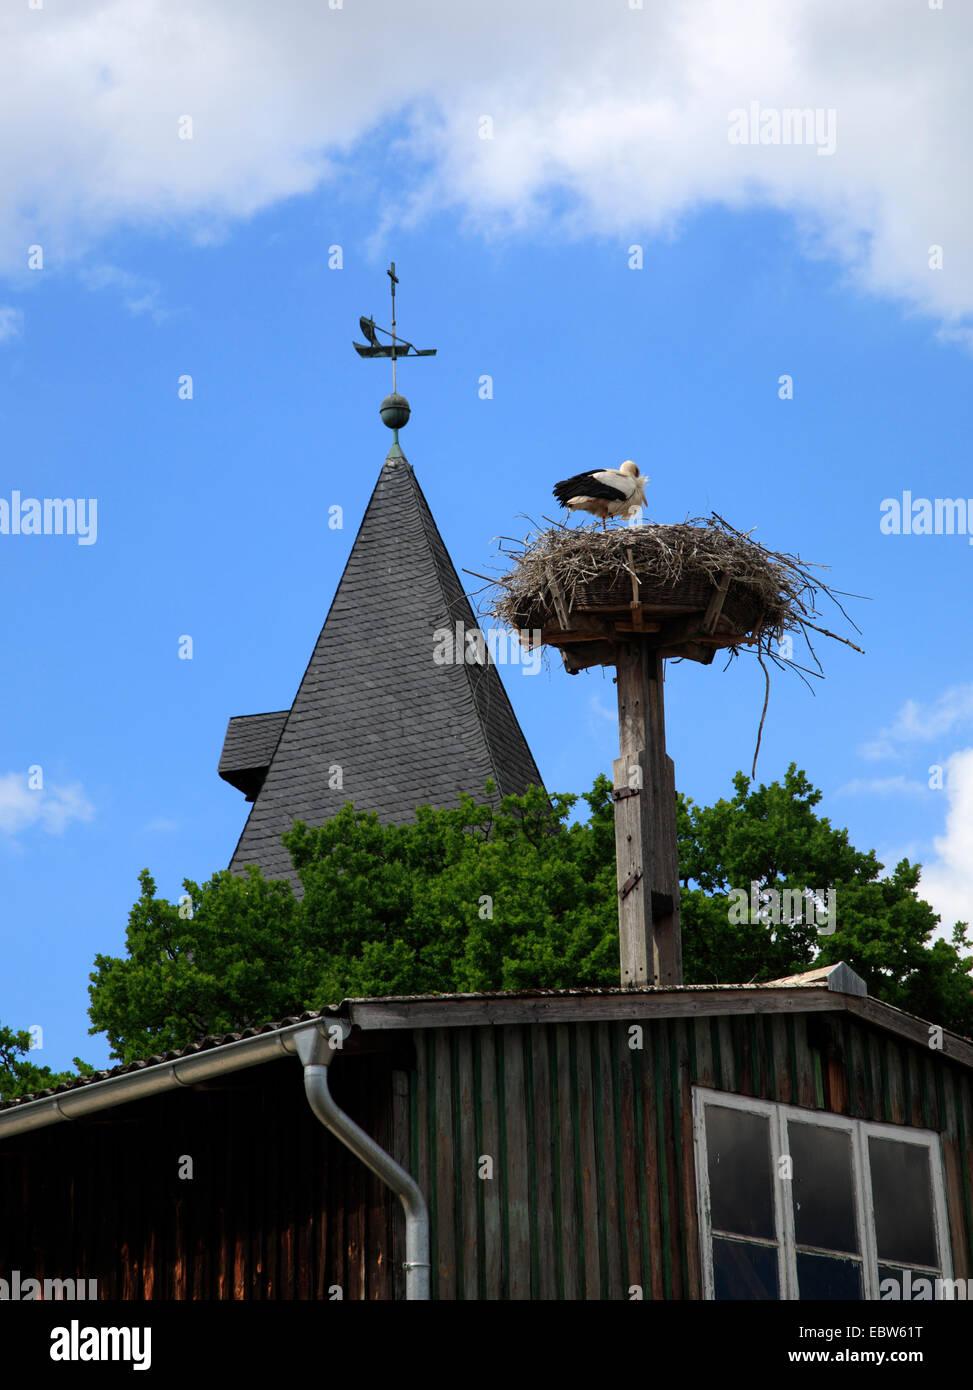 Storchennest, Hitzacker / Elbe, Wendland, Niedersachsen, Deutschland, Europa Stockbild